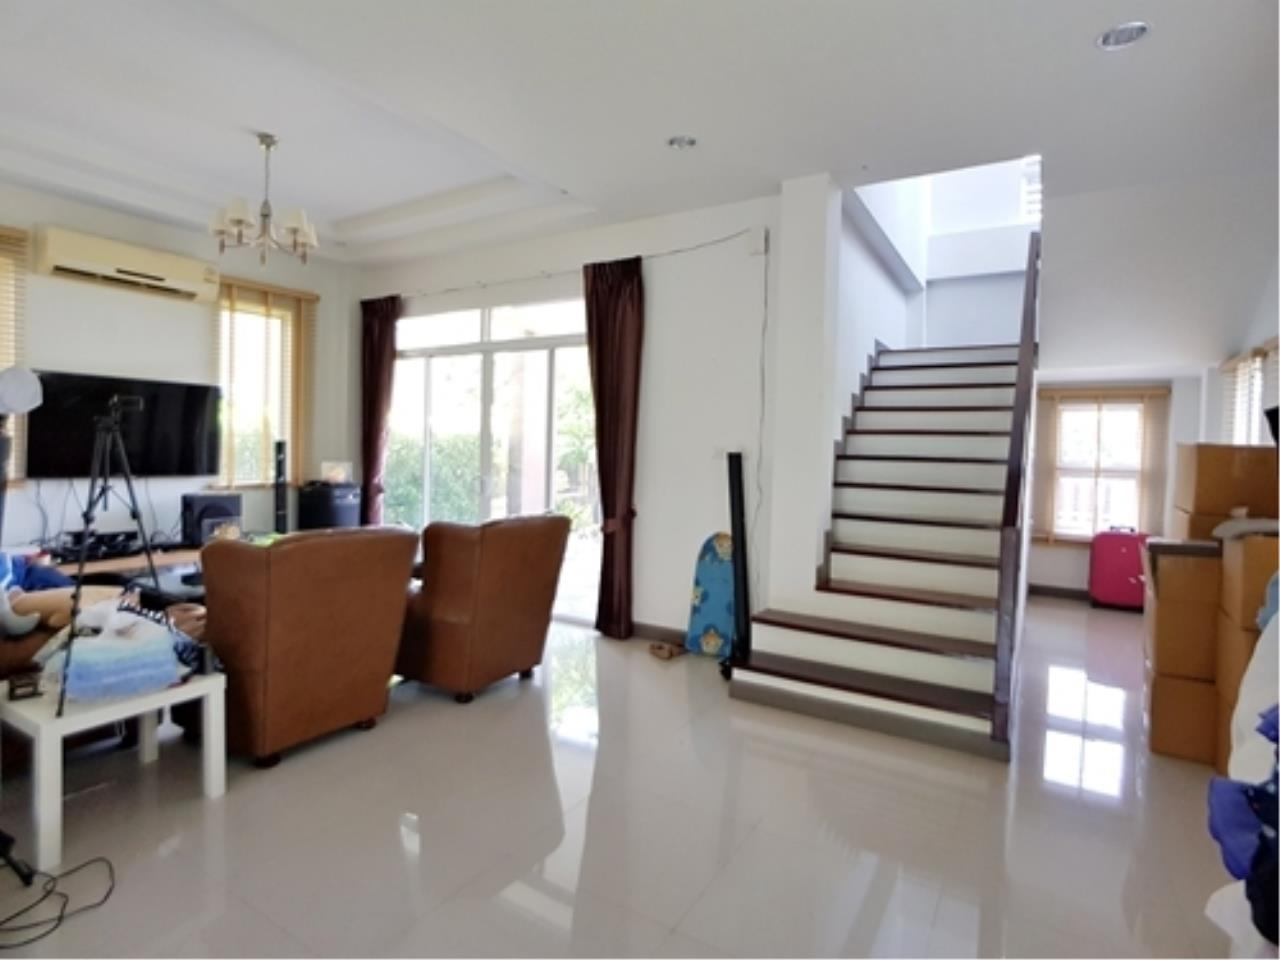 ขายบ้าน ศาลาธรรมสพน์ ทวีวัฒนา กรุงเทพมหานคร, ภาพที่ 5